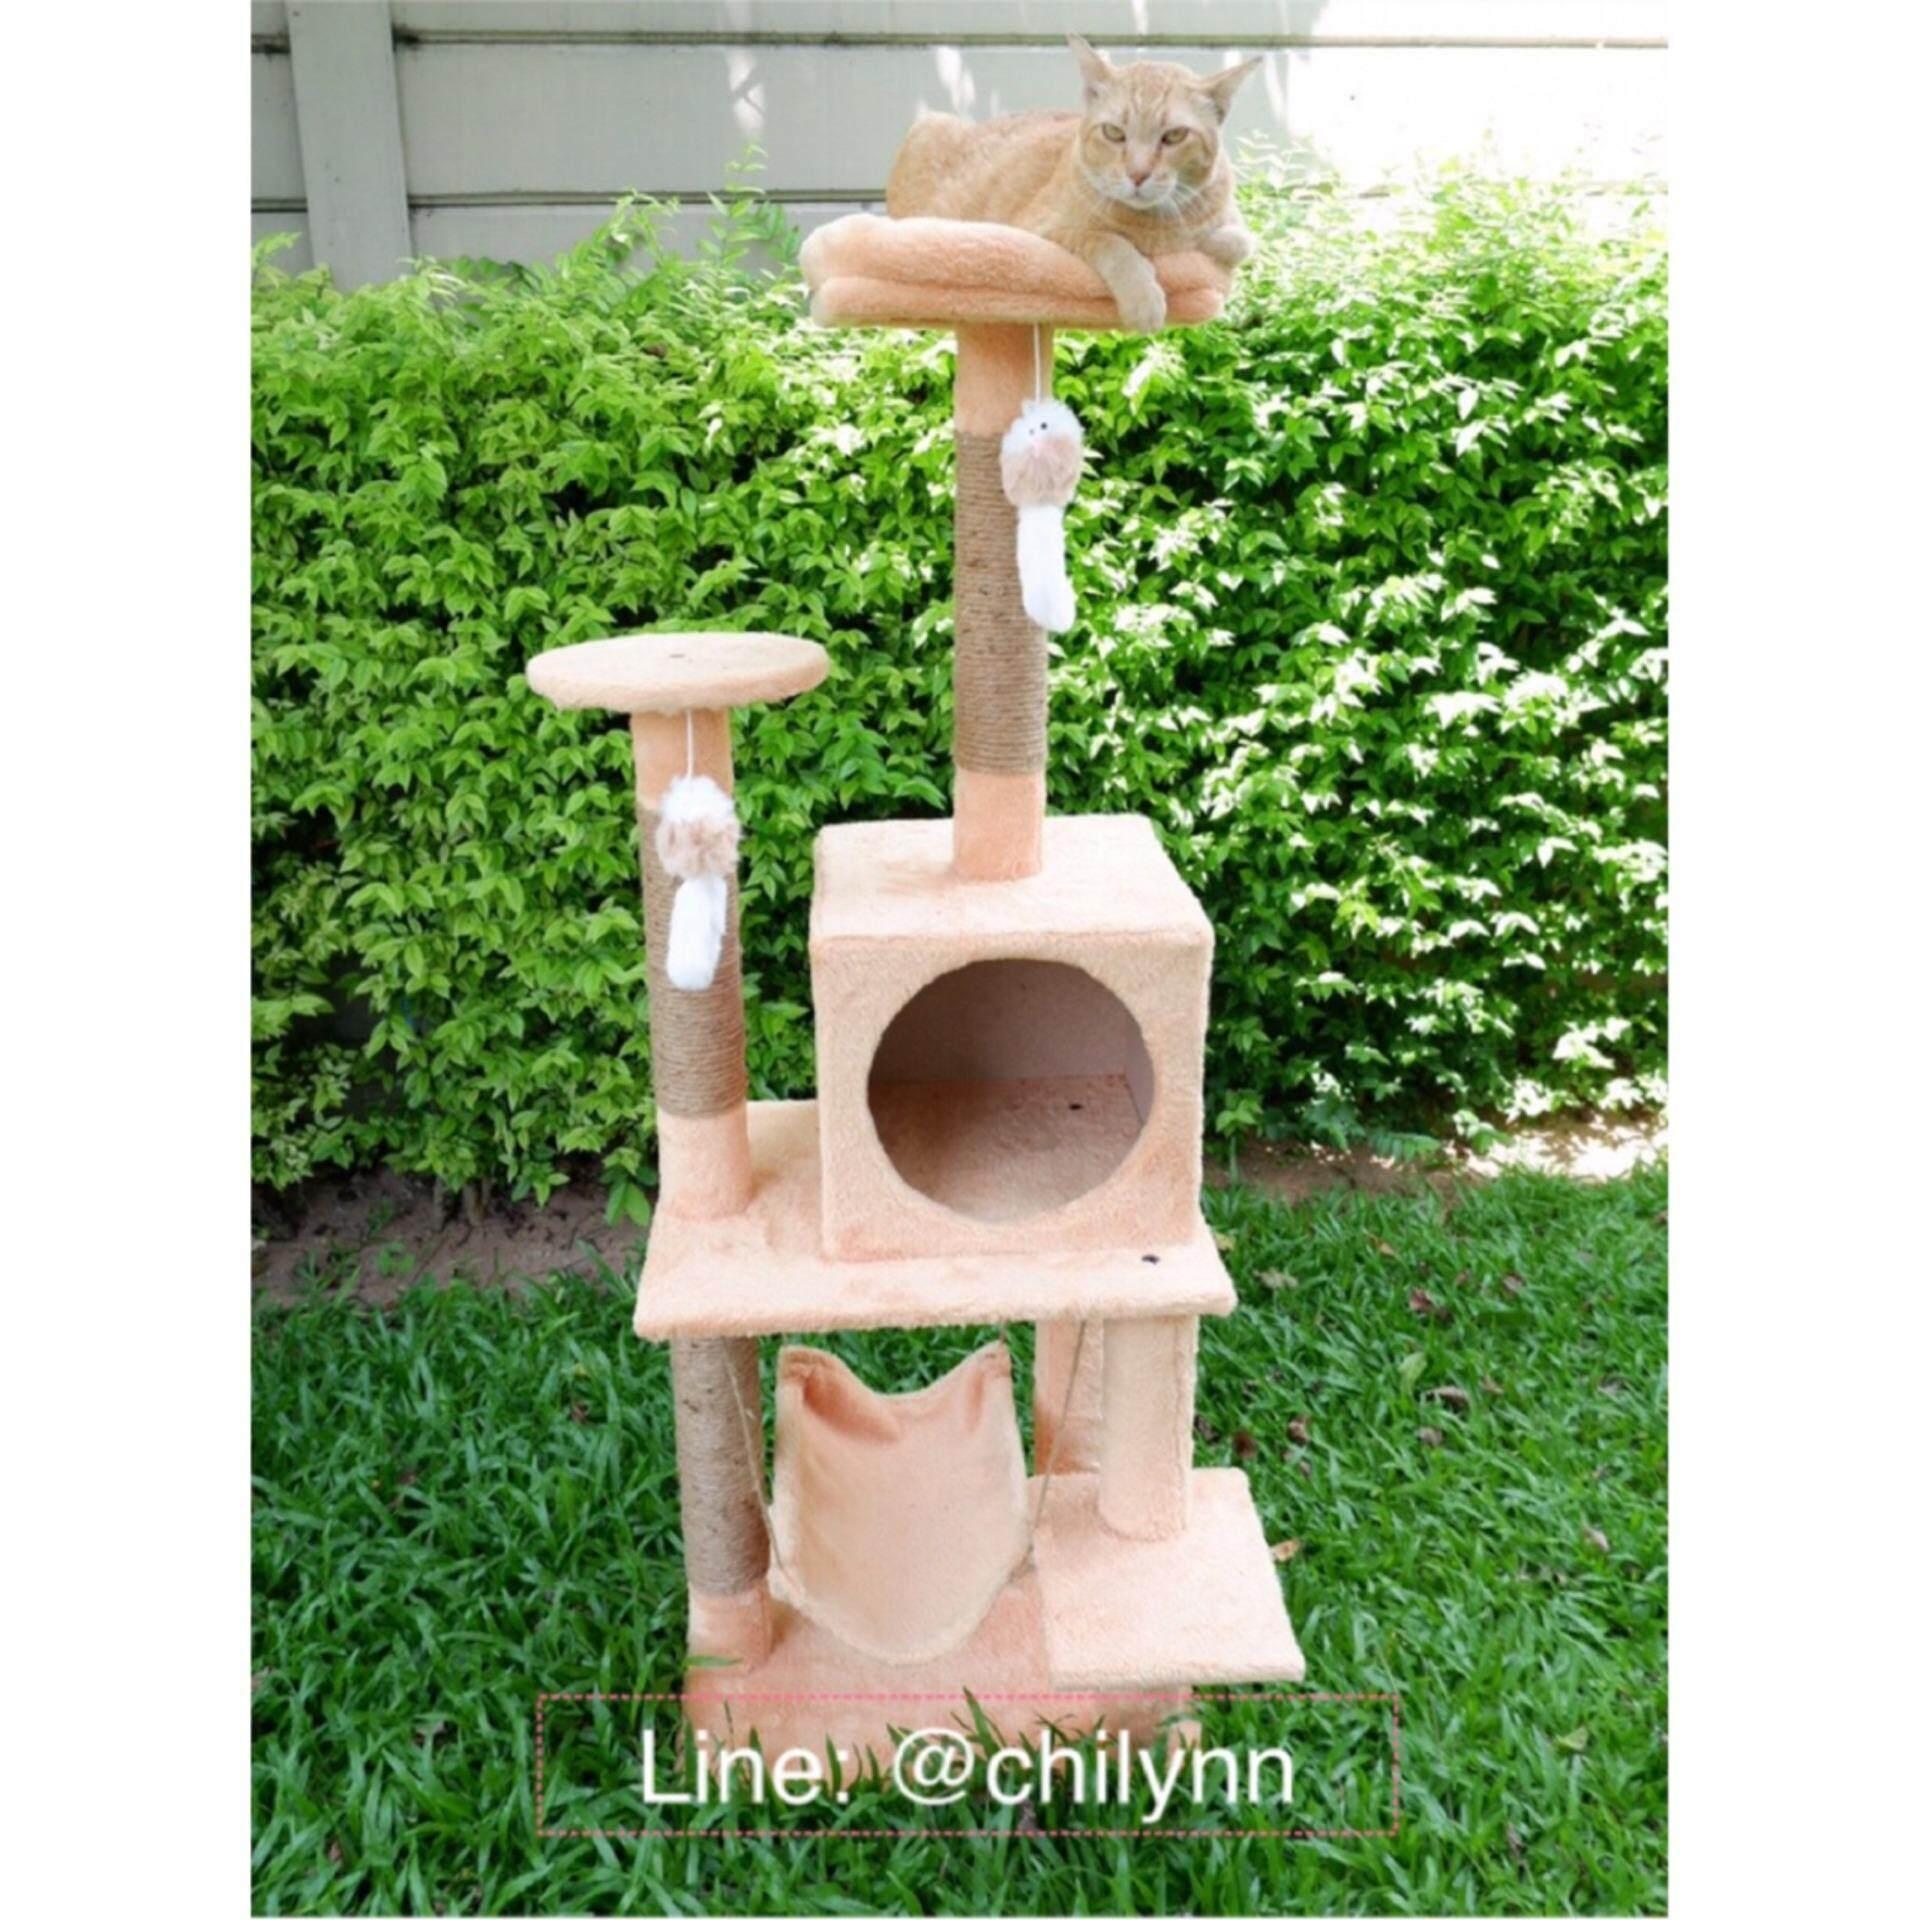 คอนโดแมว สำหรับแมวอ้วน แมวโต เสาลับเล็บใหญ่ แข็งแรง สูง 145 เซ็นติเมตร(สีเบจกดสั่งได้เลยครับ สีน้ำตาลทักข้อความครับ) By Chilynnbkk.